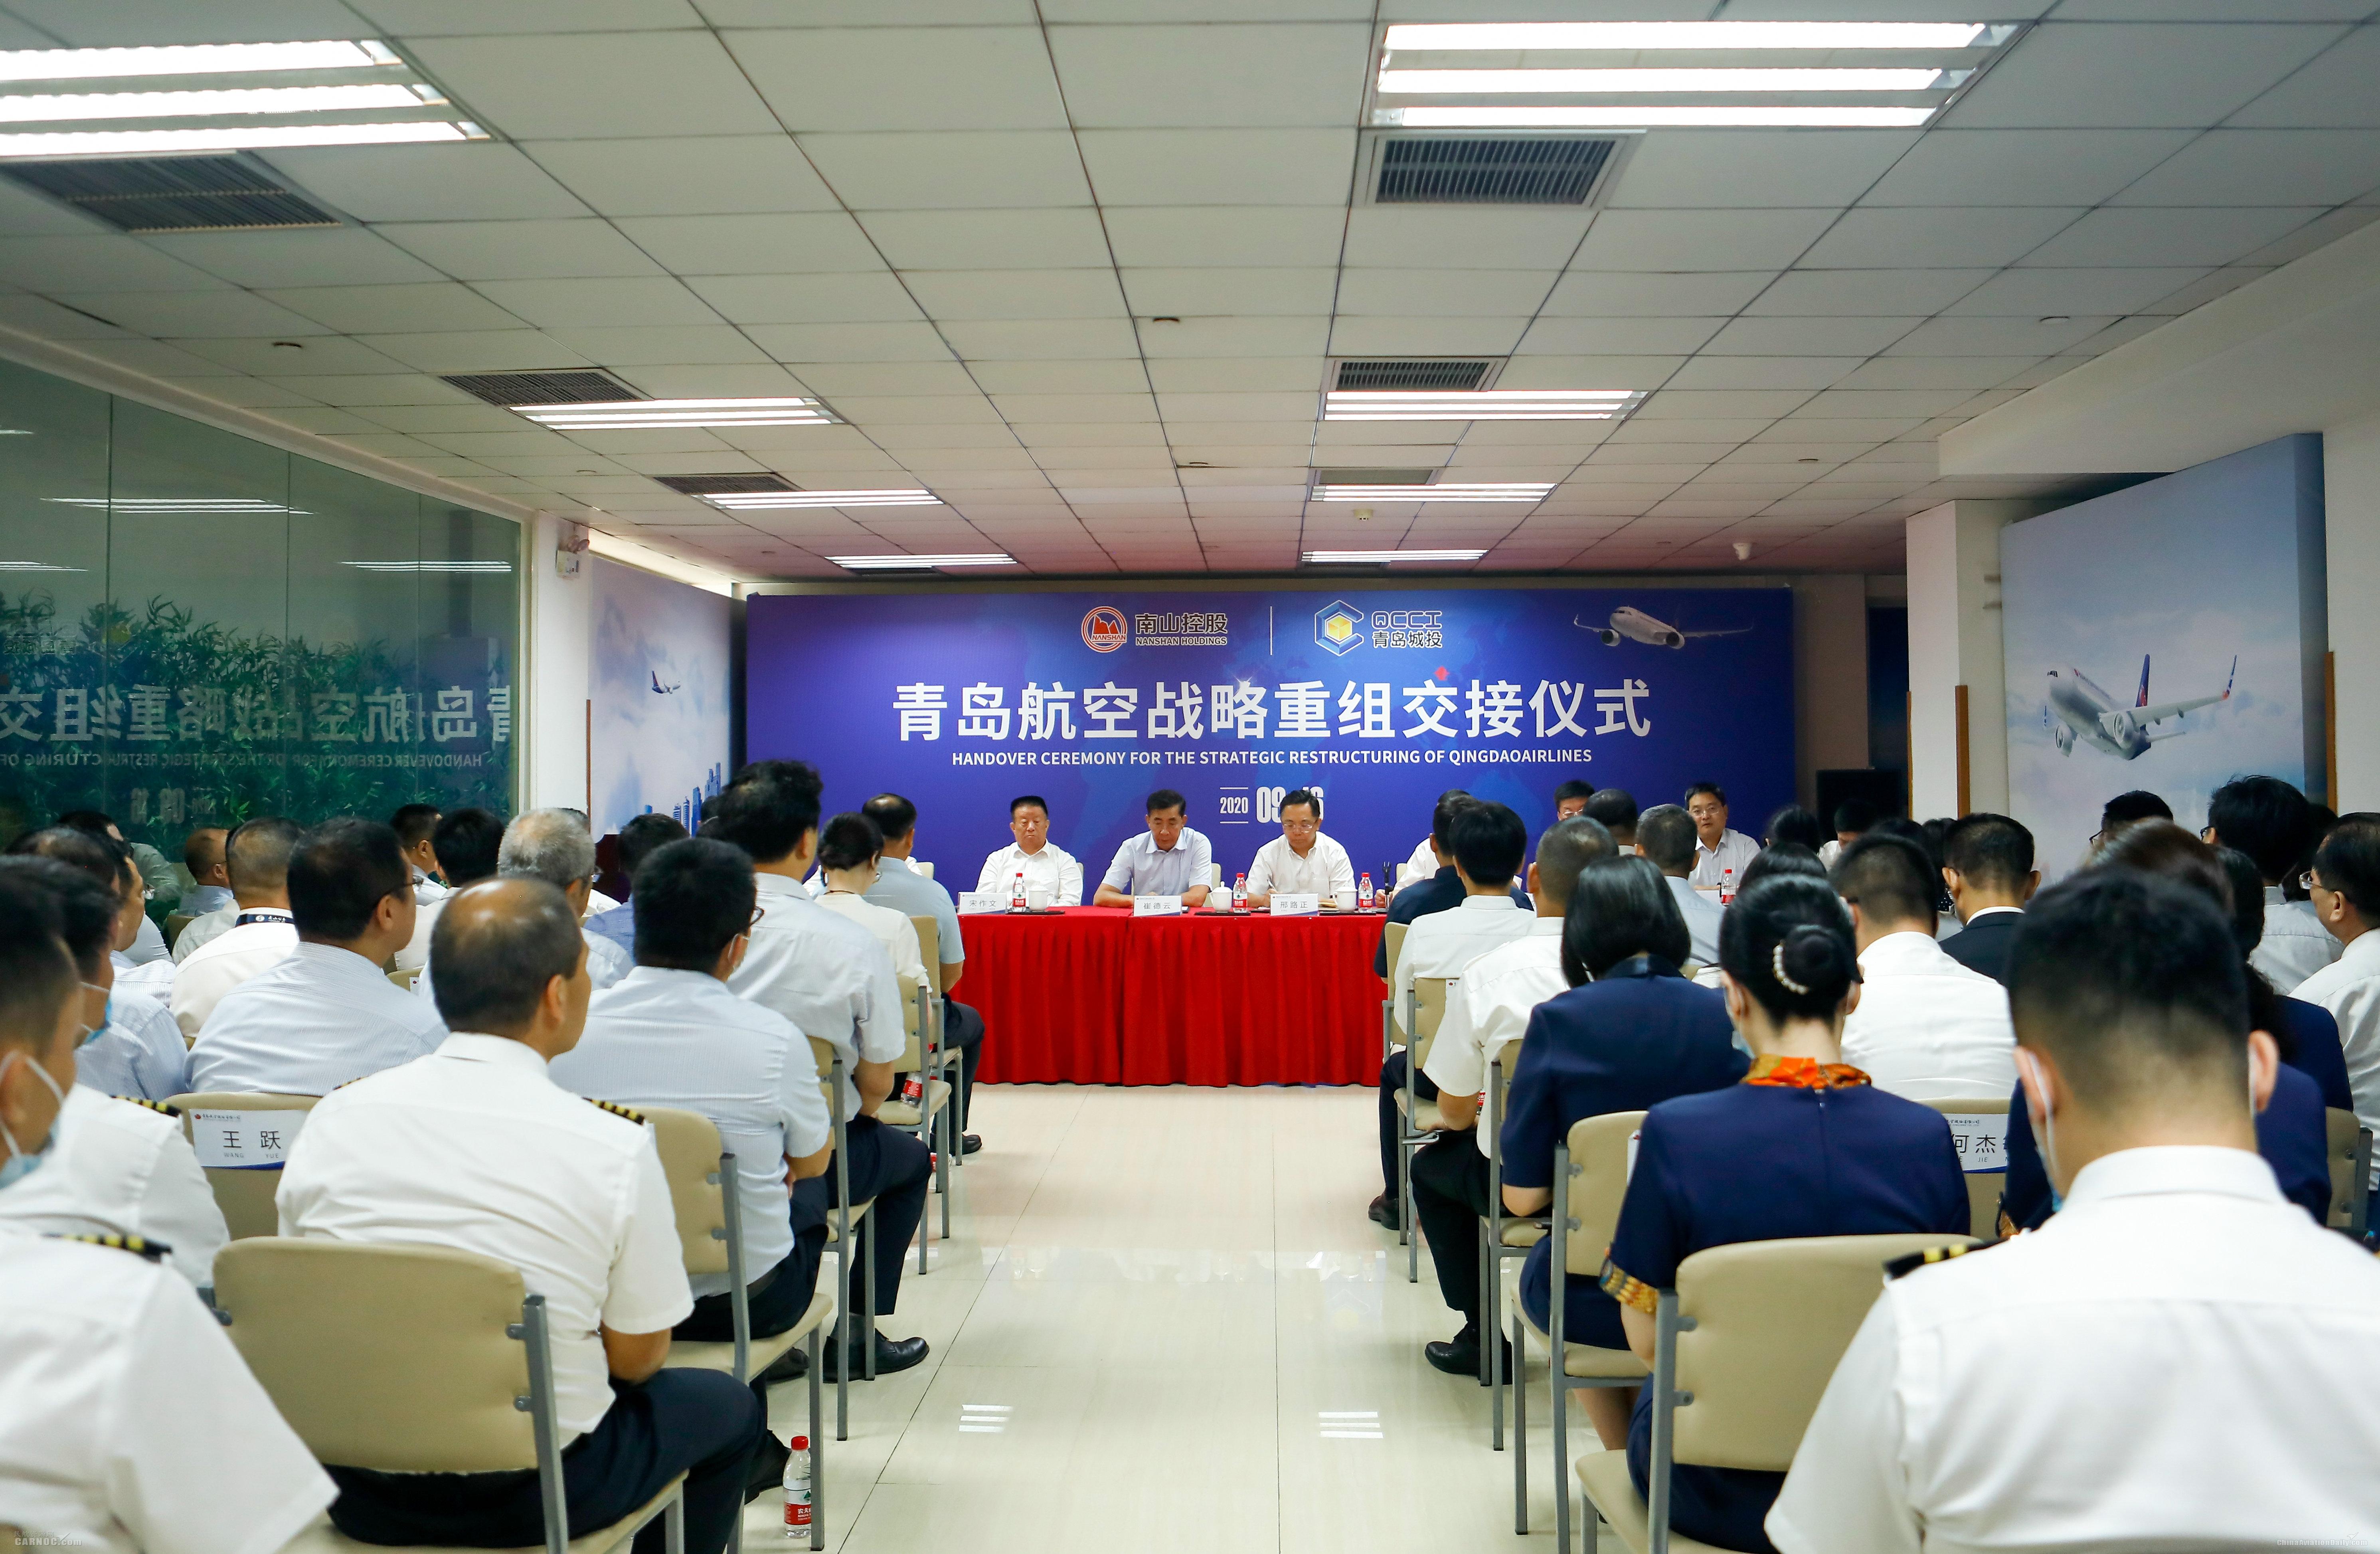 青岛航空战略重组 正式转型为全资国有企业